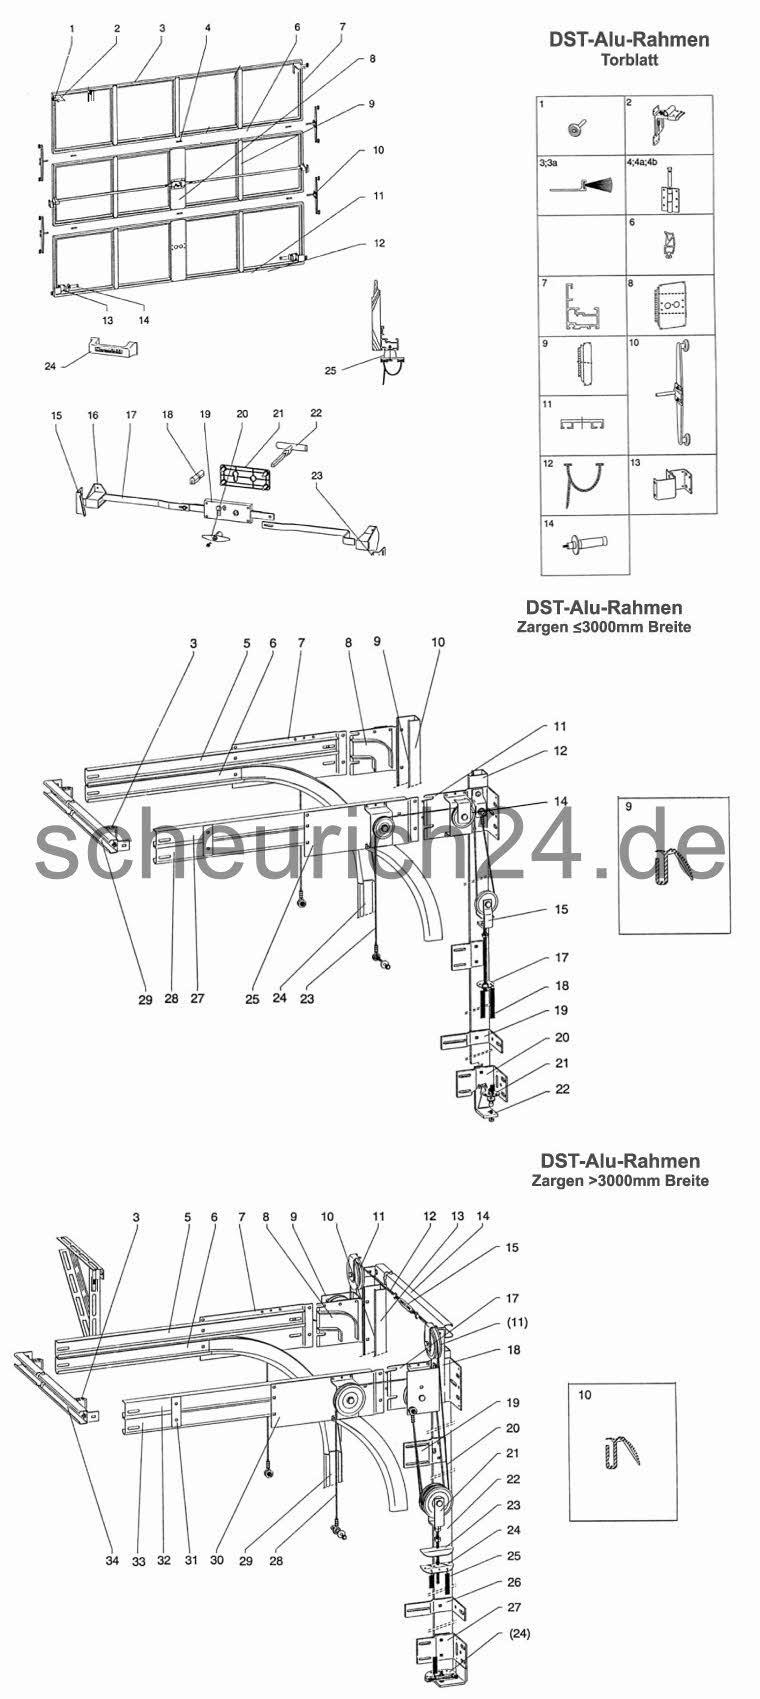 Niedlich Mehrfach Lichtschaltplan Galerie - Der Schaltplan ...